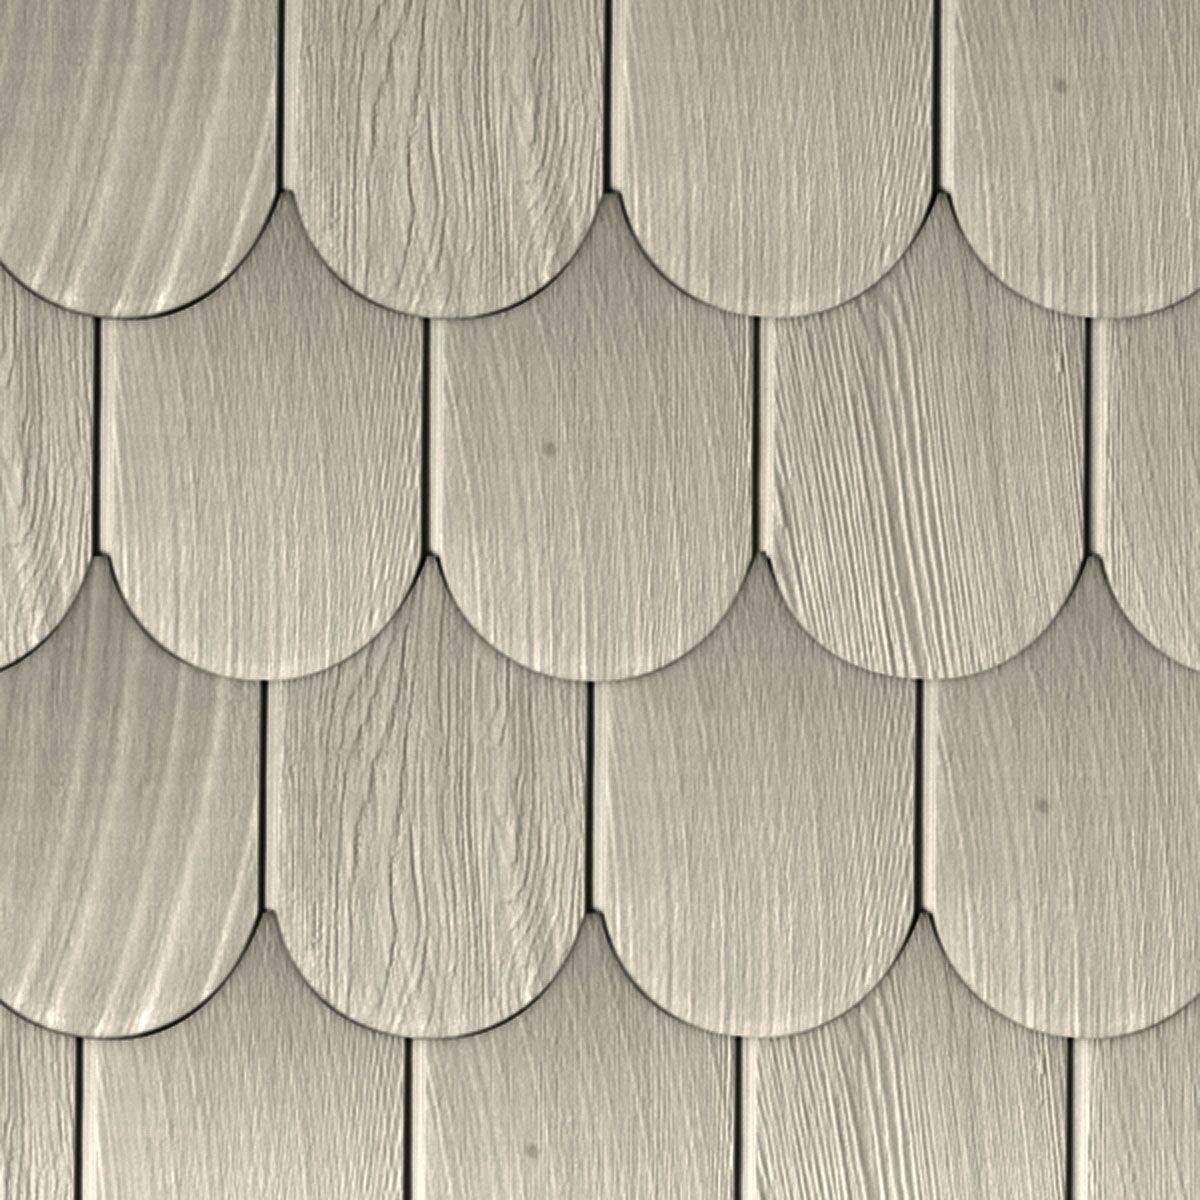 6 Inch W X 60 Inch L Exposure Vinyl Round Shingles 20 Panels Ctn 50 Sq Feet 116 Seashell Shingling Paneling Sea Shells